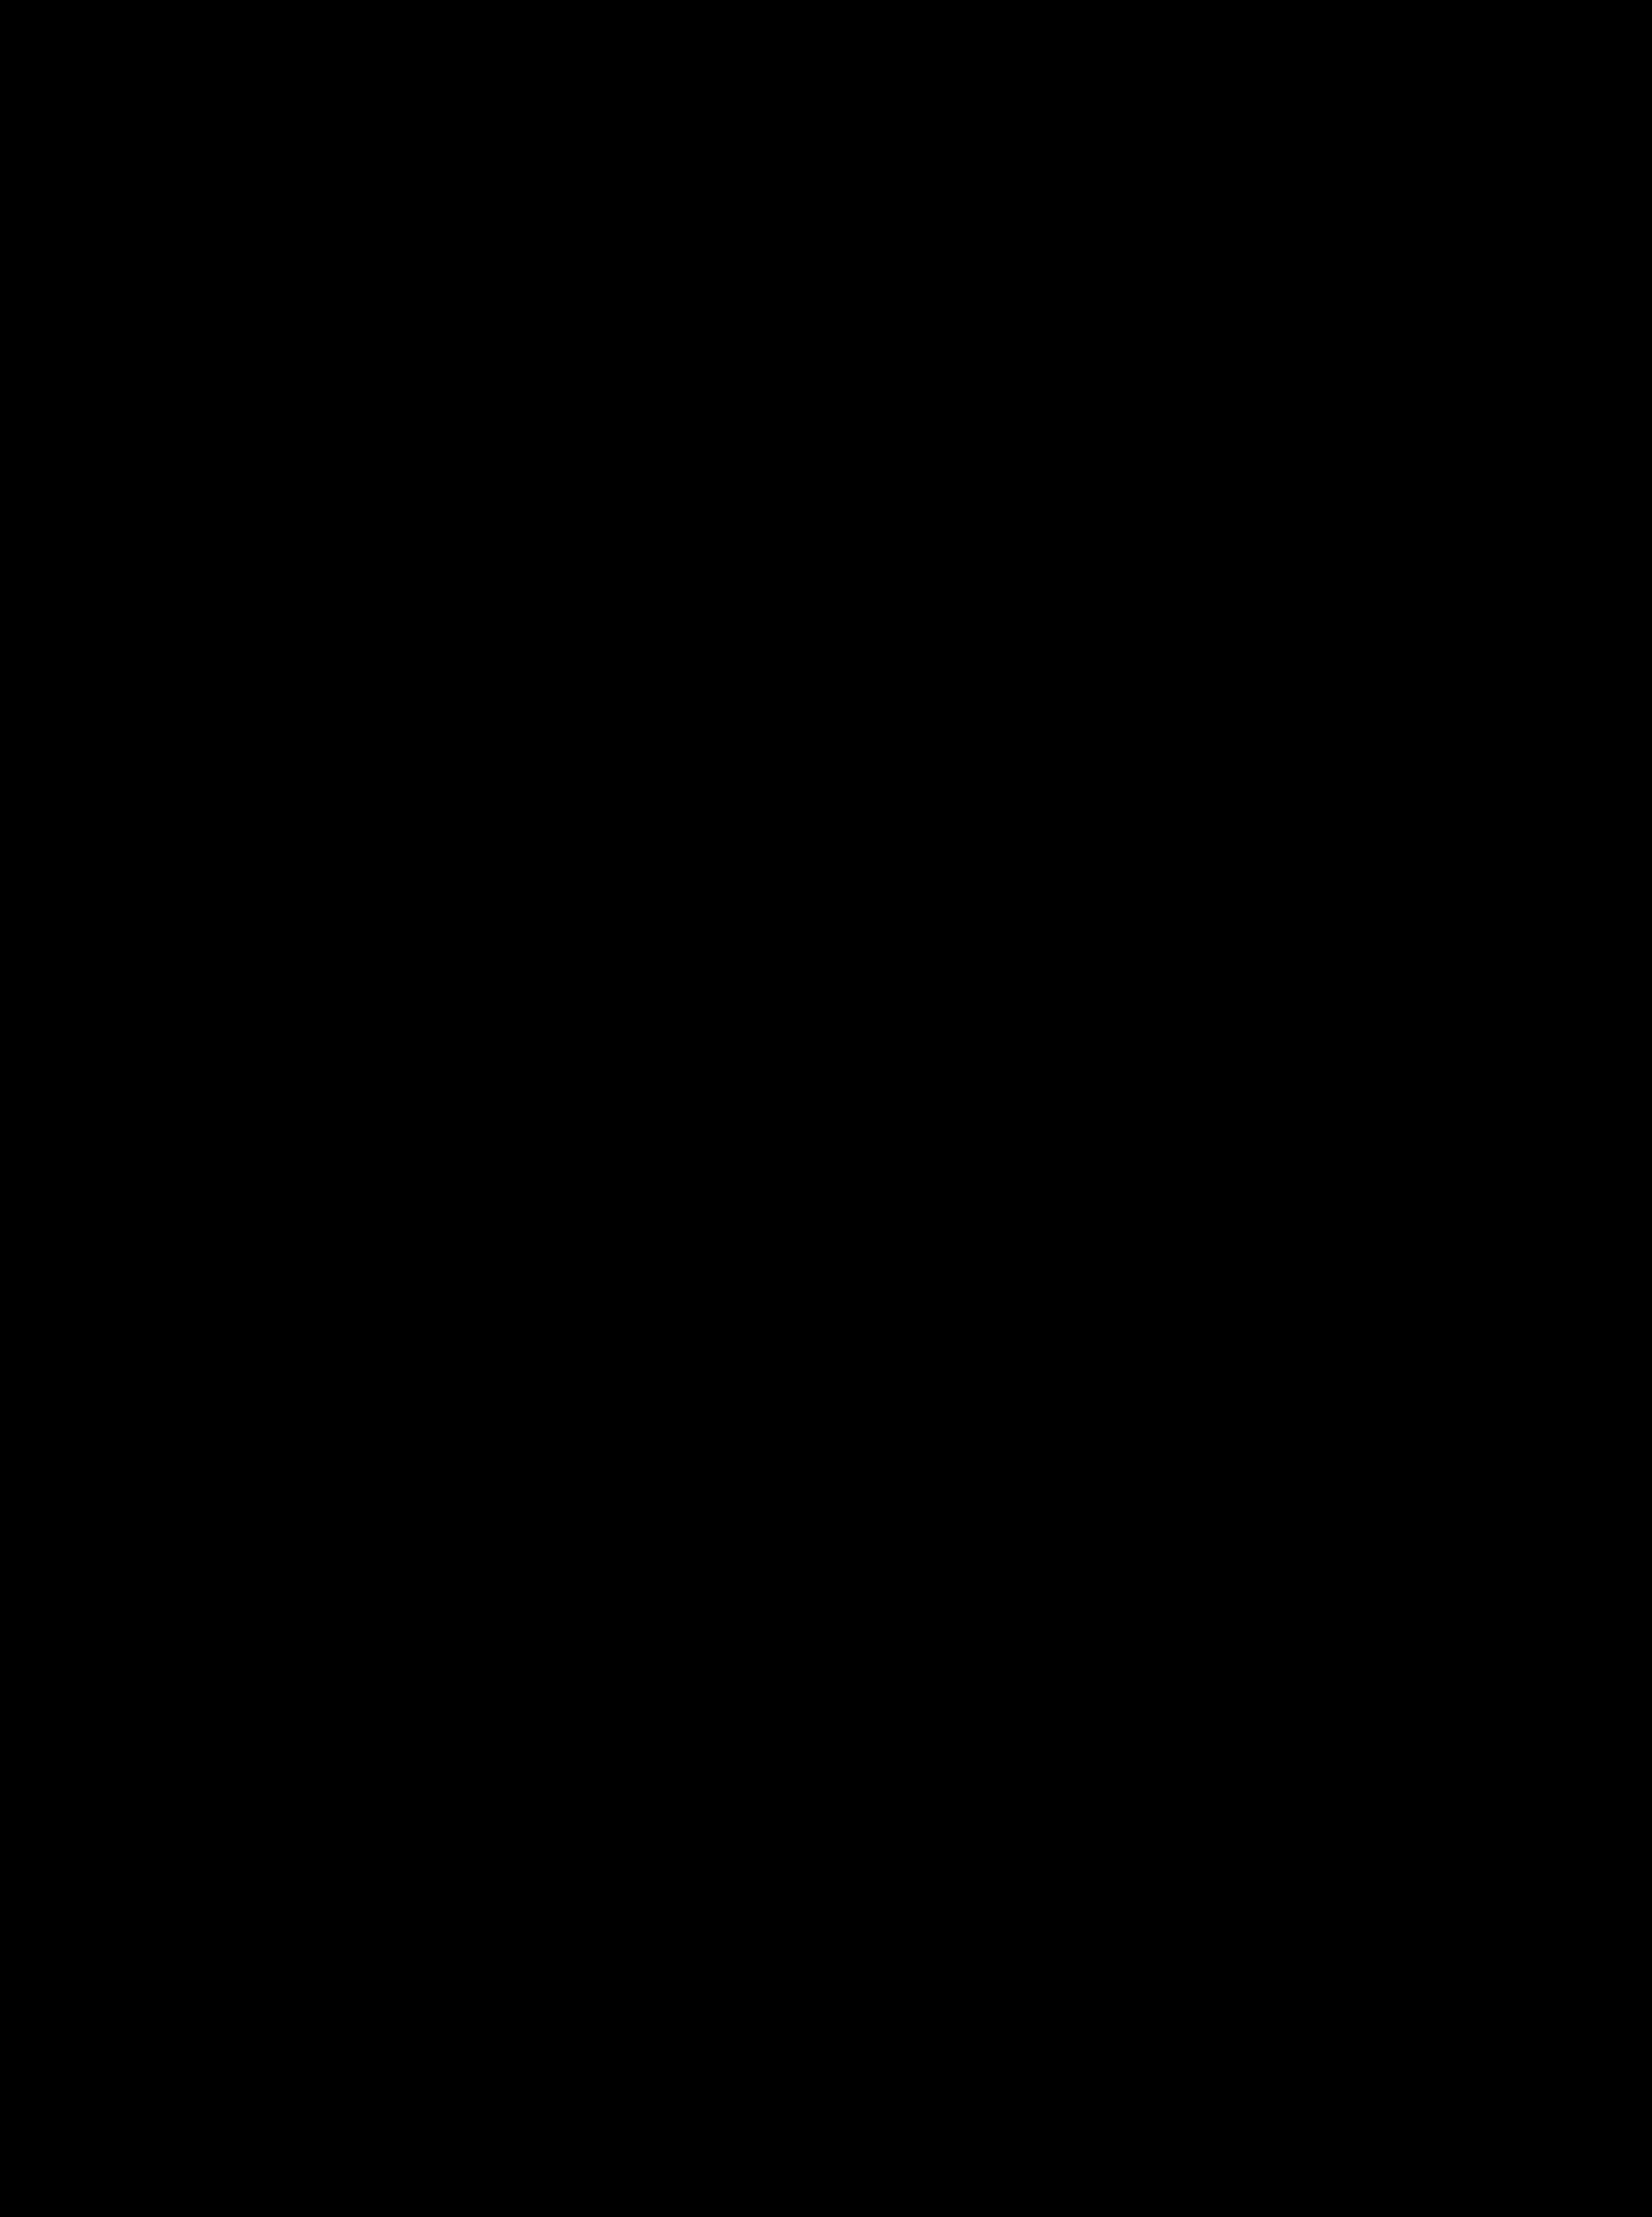 48H BD, c'est aussi la fête à Paris les 6 et 7 avril 2019